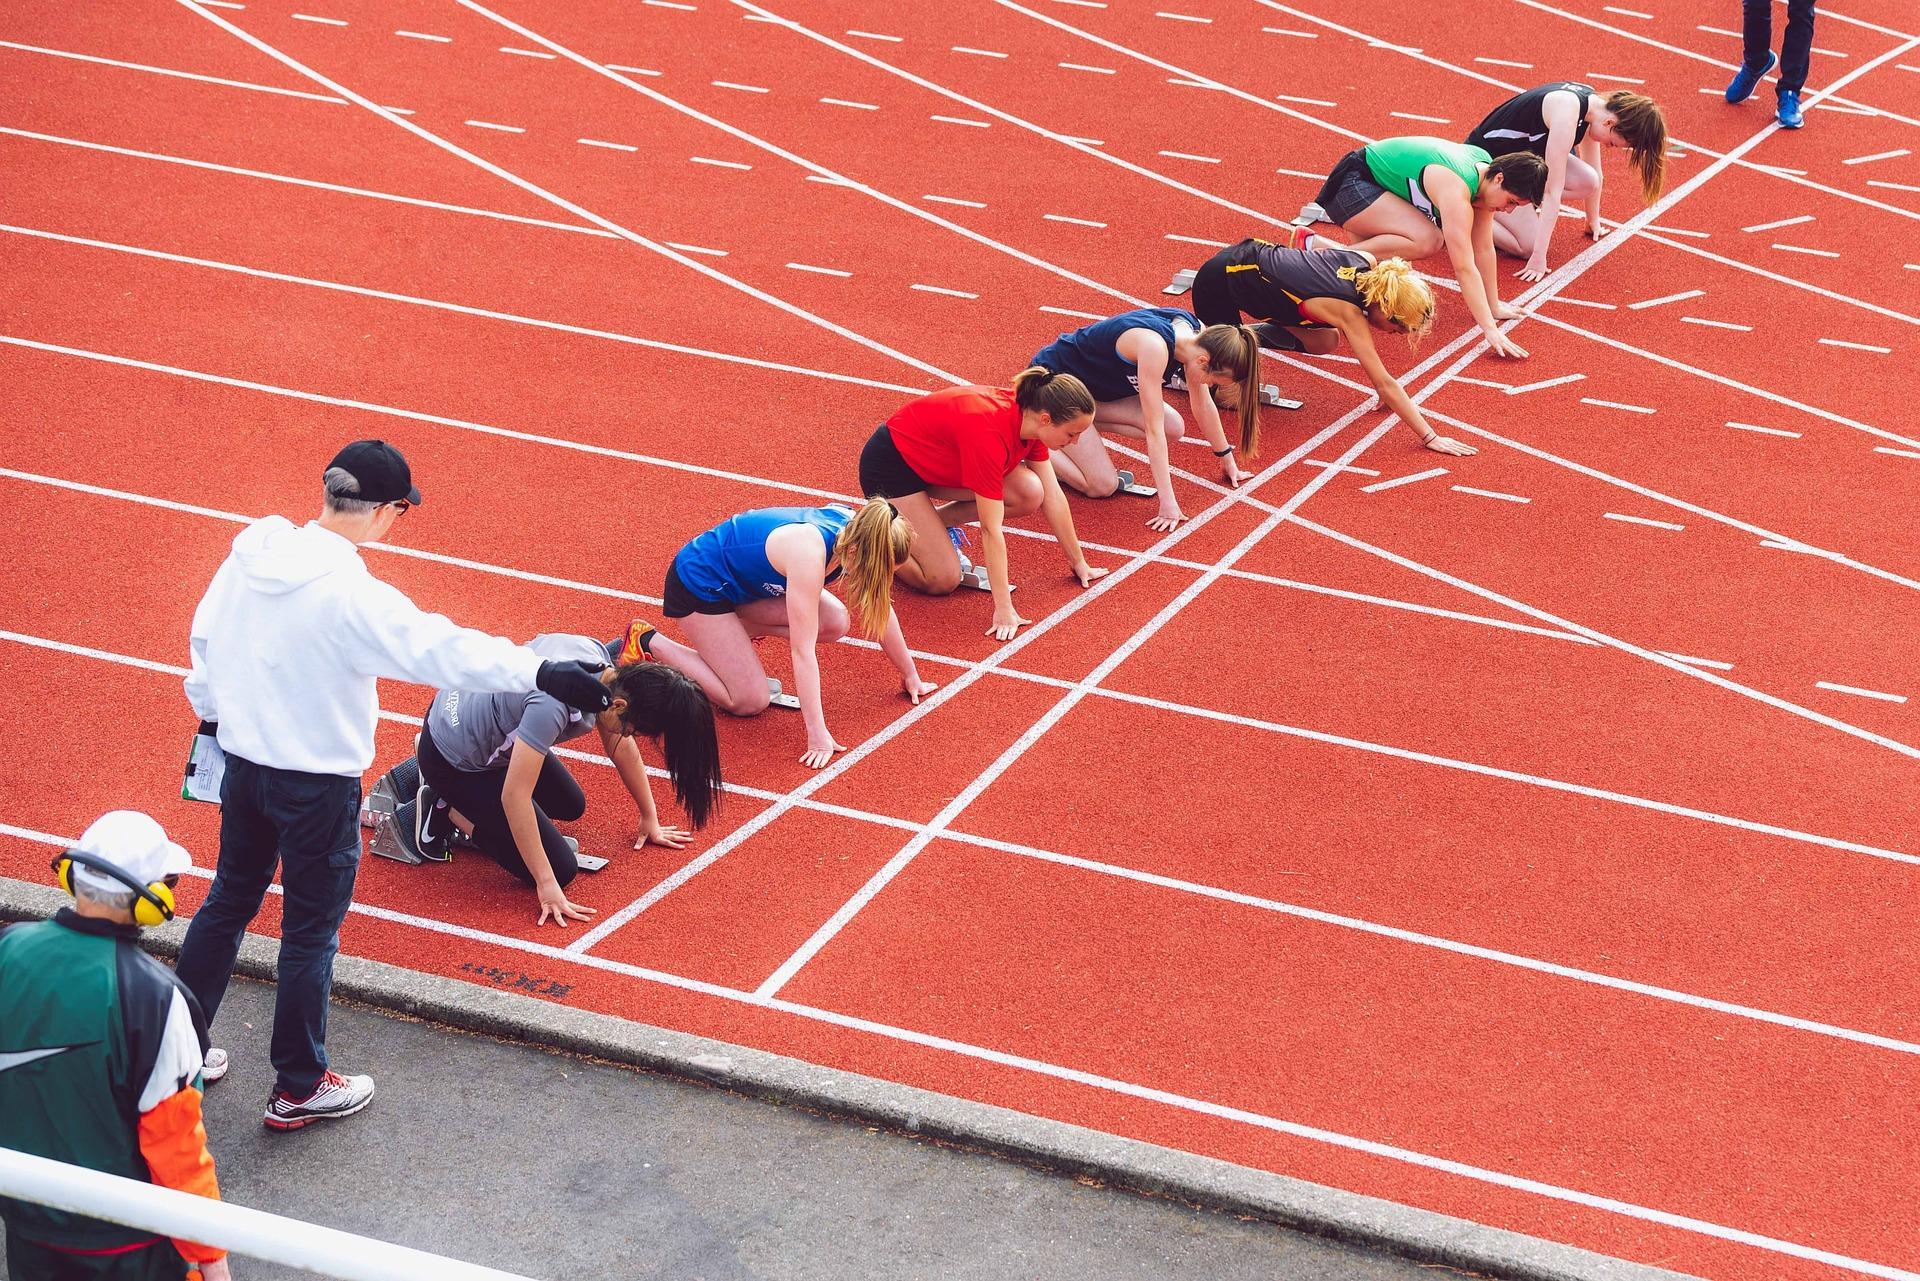 ВФЛА пригрозили исключить из World Athletics в случае невыплаты штрафа до 15 августа